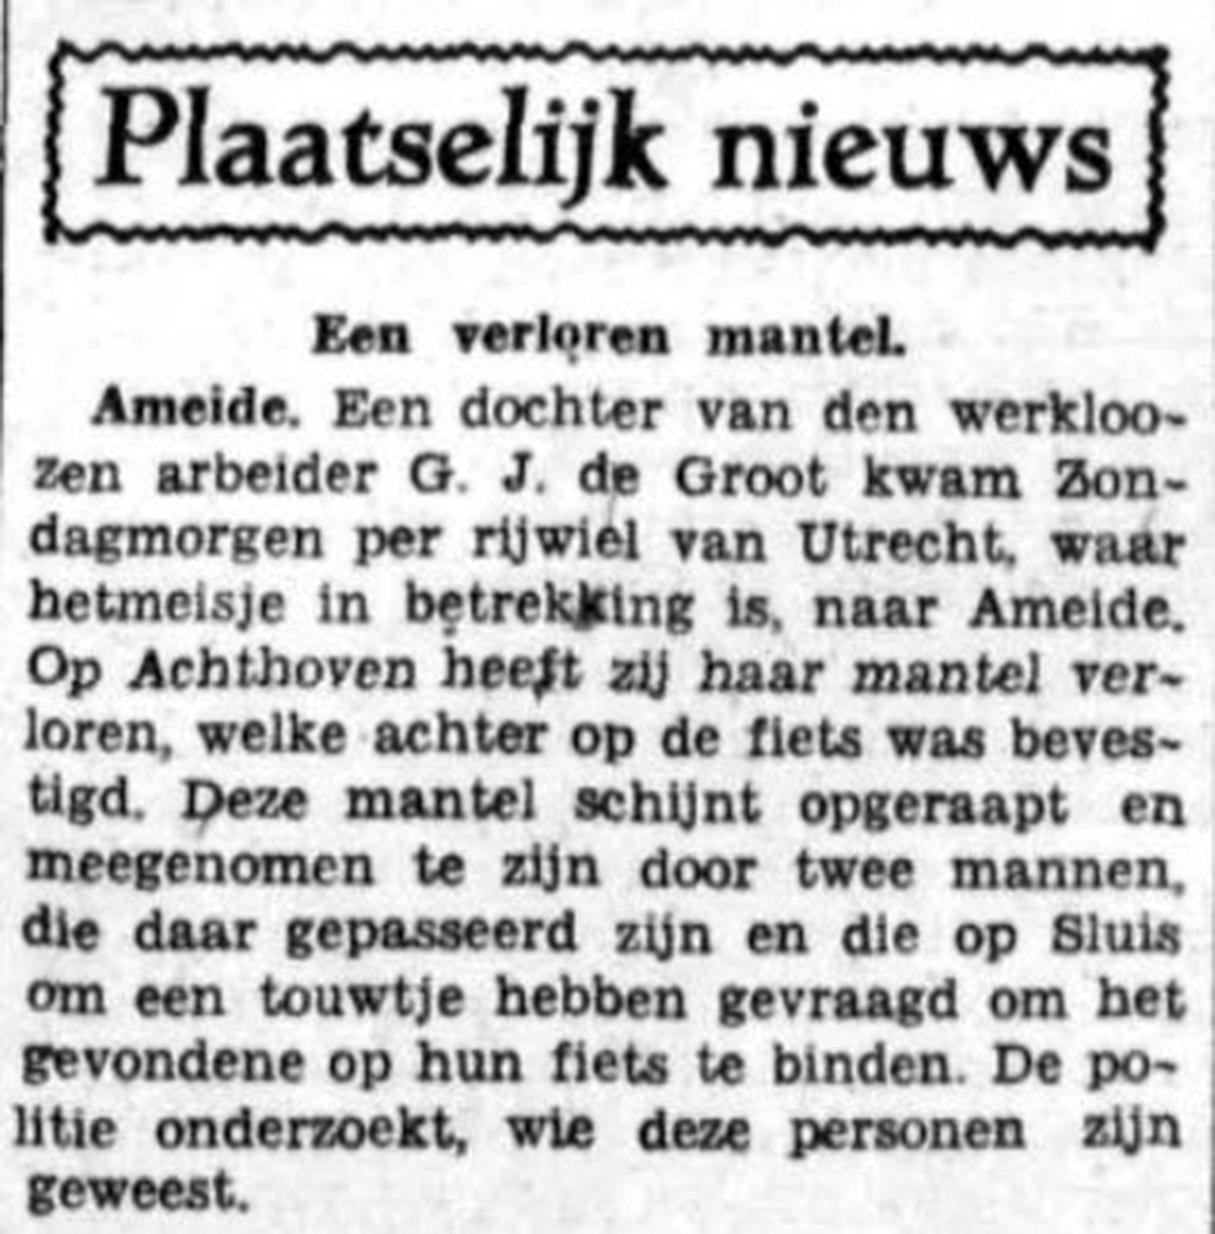 schoonhovensche-courant-06813-1937-05-26-artikel-01